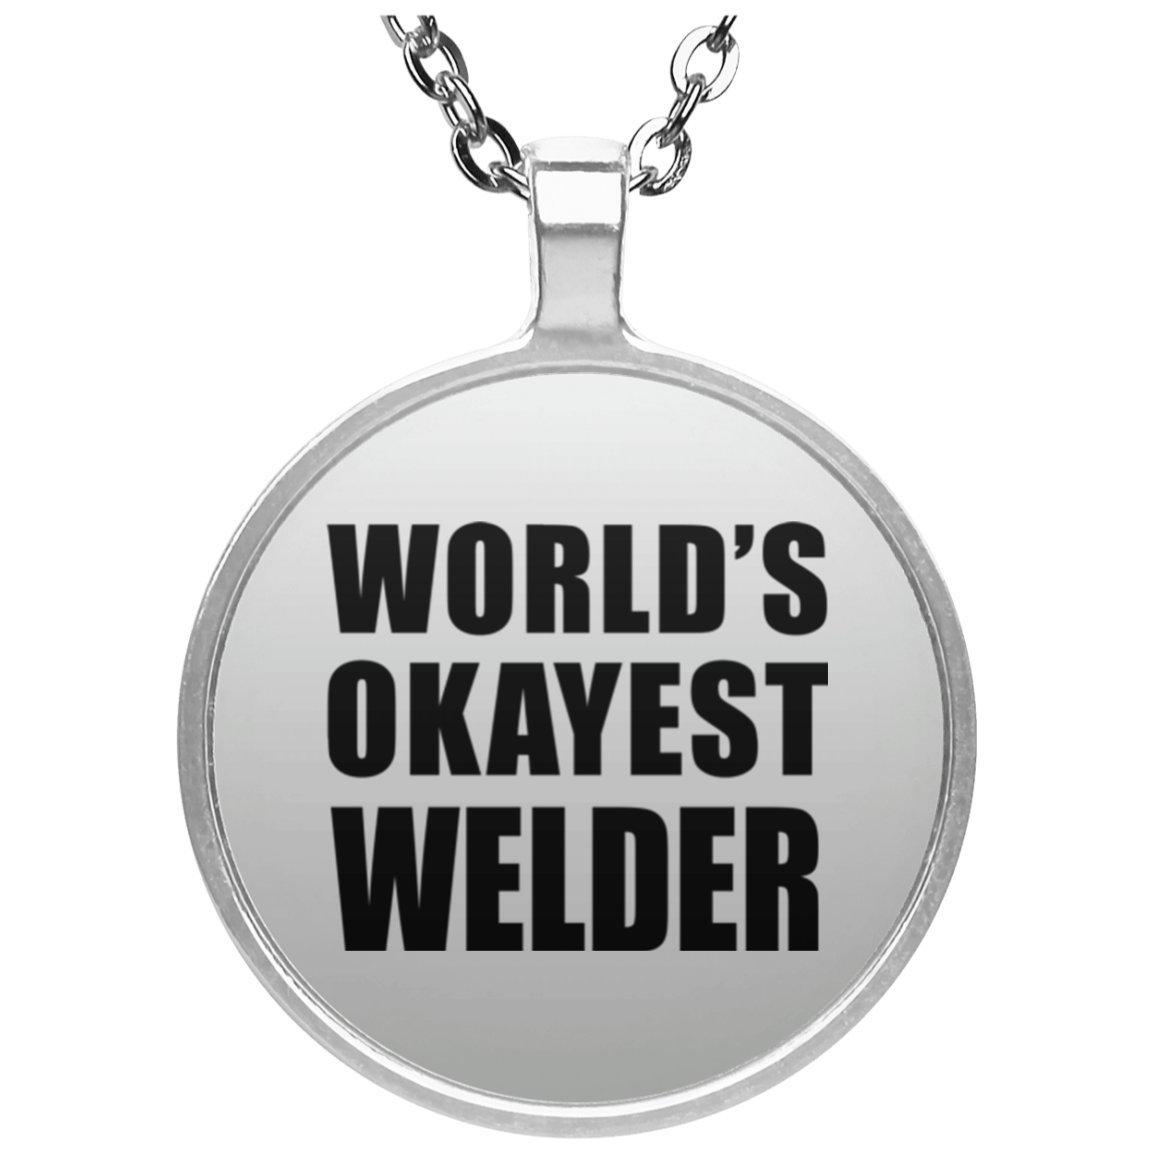 Okayest del mundo soldador - redondo collar, chapado en plata colgante, mejor para regalo de cumpleaños, aniversario de boda, Año Nuevo, Día de San Valentín ...